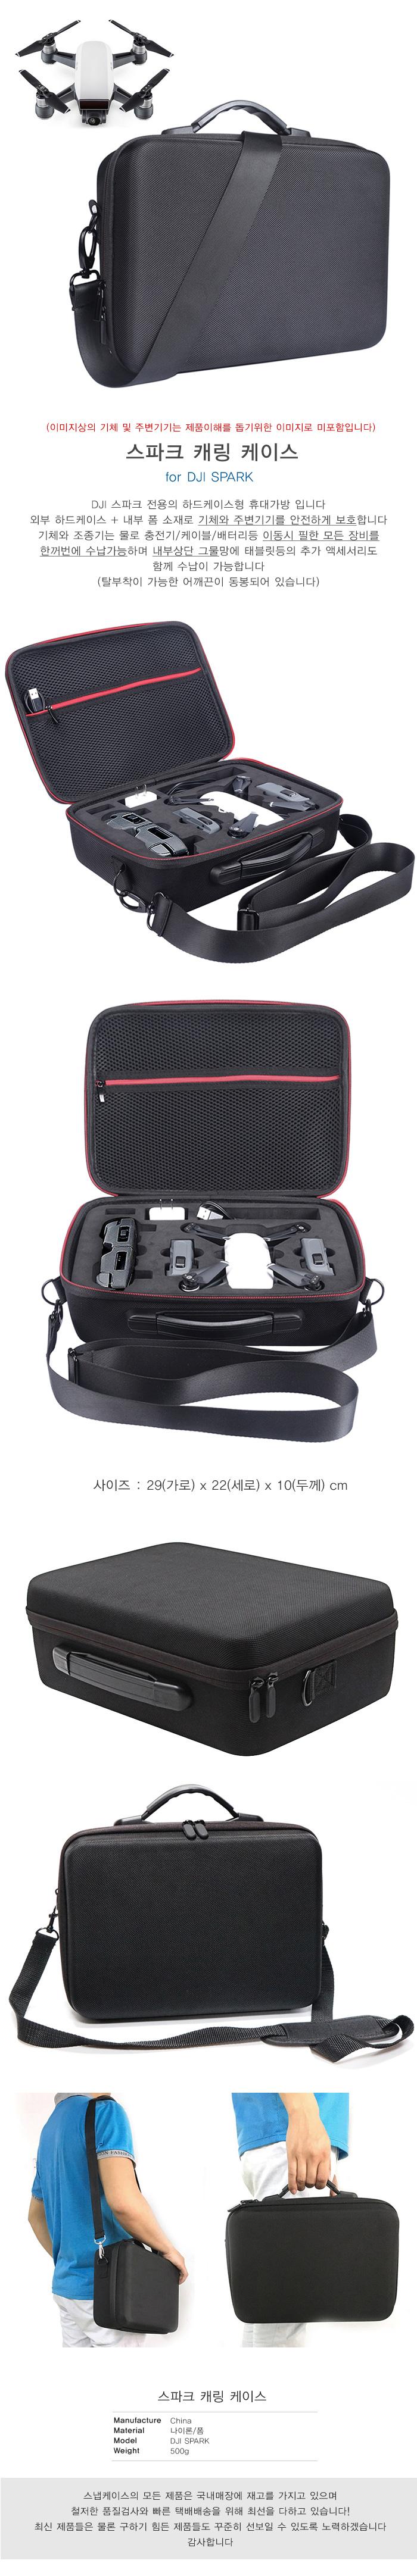 스파크 캐링 케이스 가방 for DJI SPARK - 스냅케이스, 23,000원, R/C 드론/쿼드콥터, 드론 액세서리